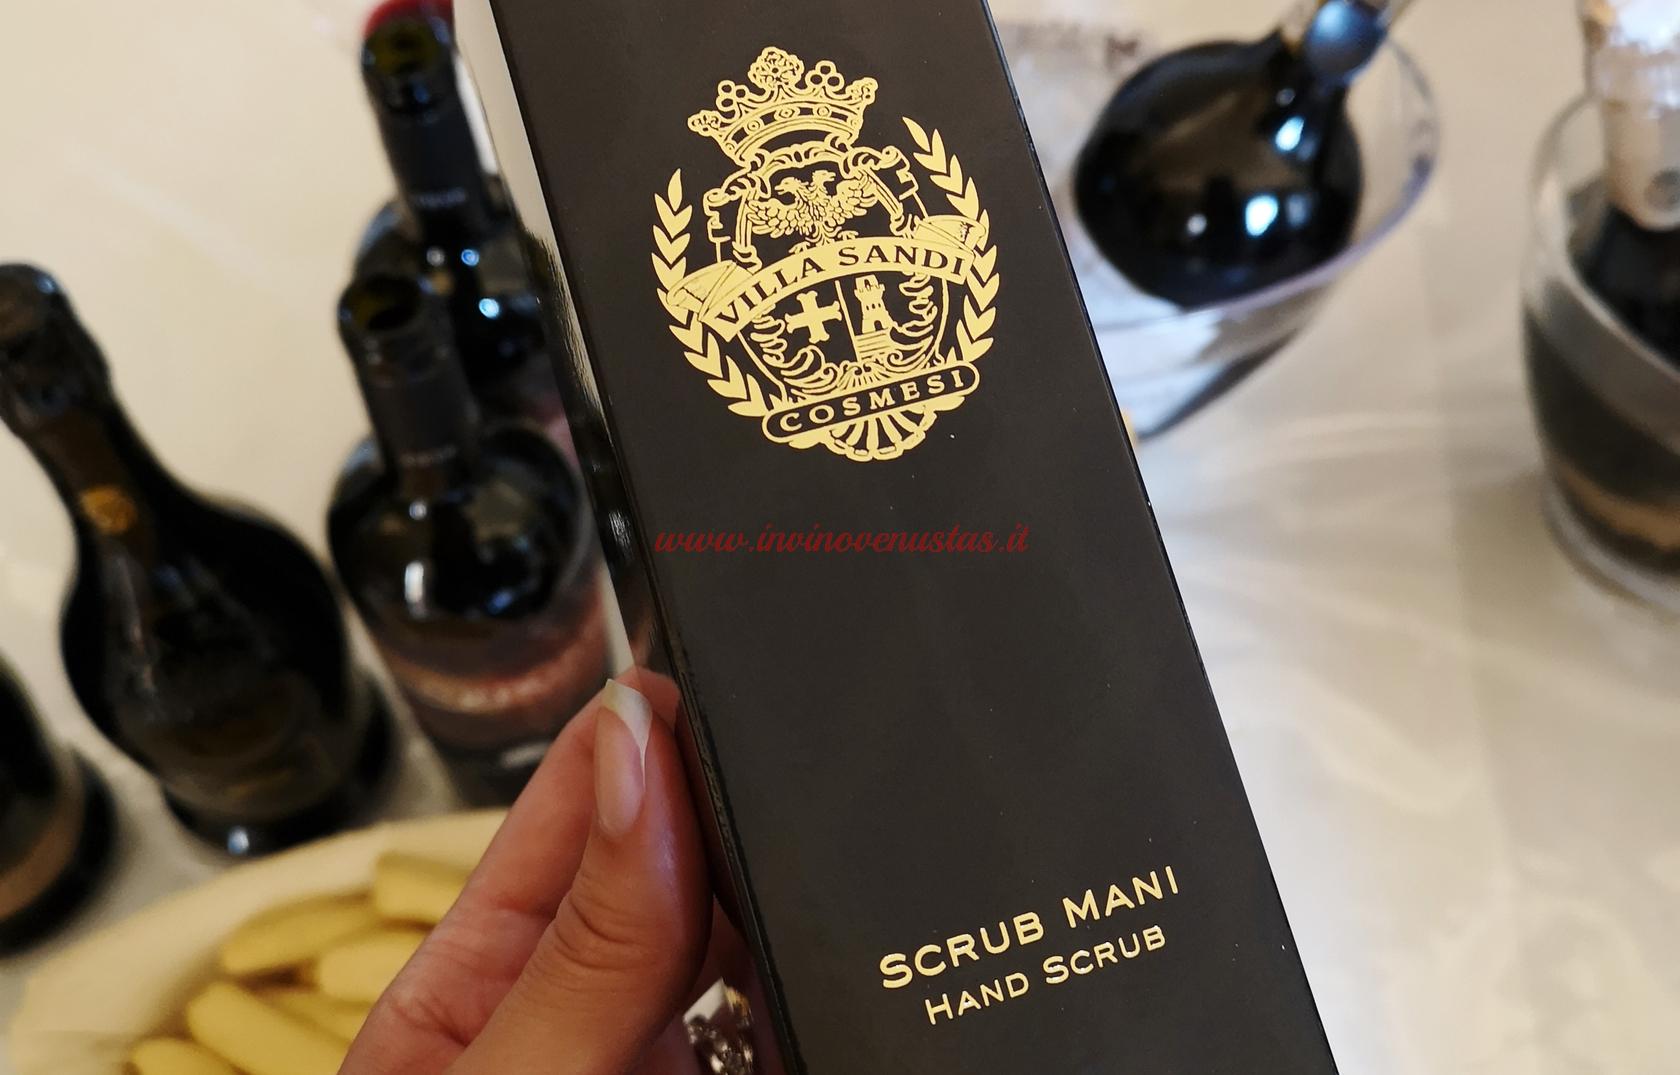 Scrub Mani Villa Sandi Cosmetica